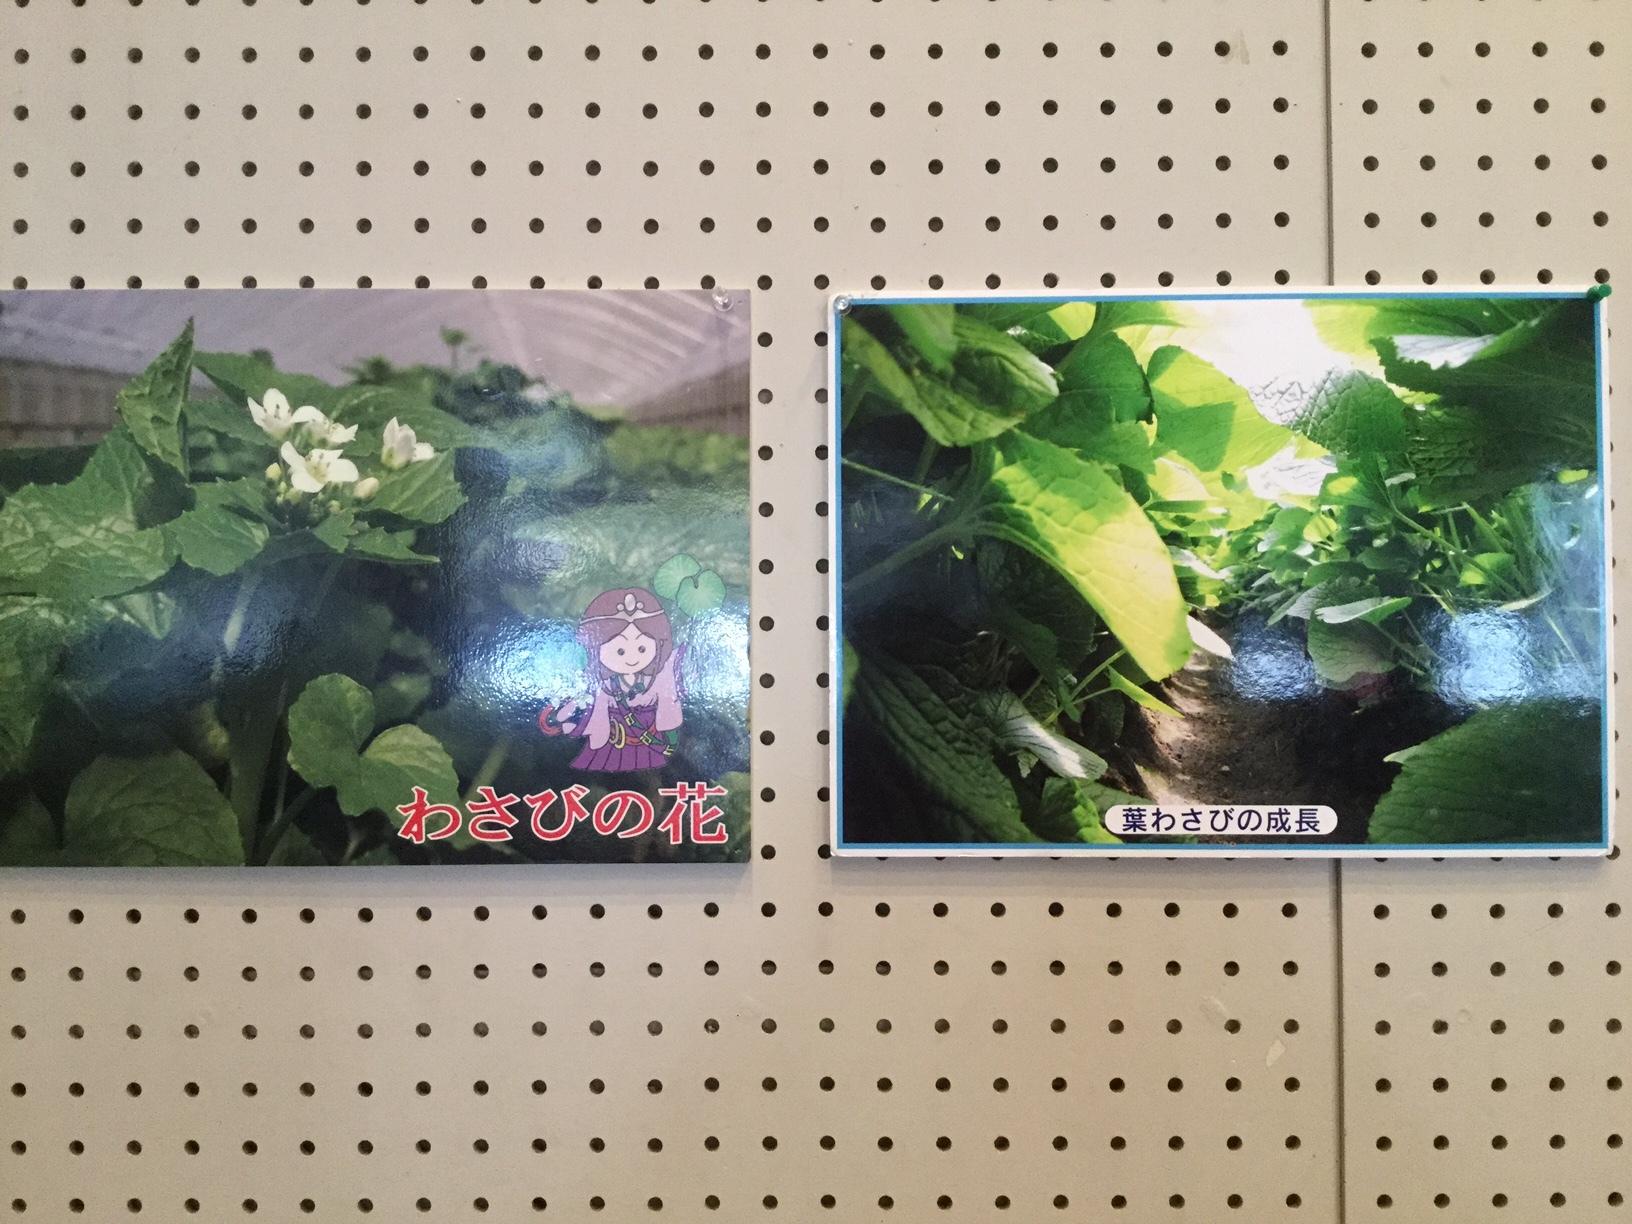 2017年3月4日 八女市矢部村花わさびの花と葉わさび成長